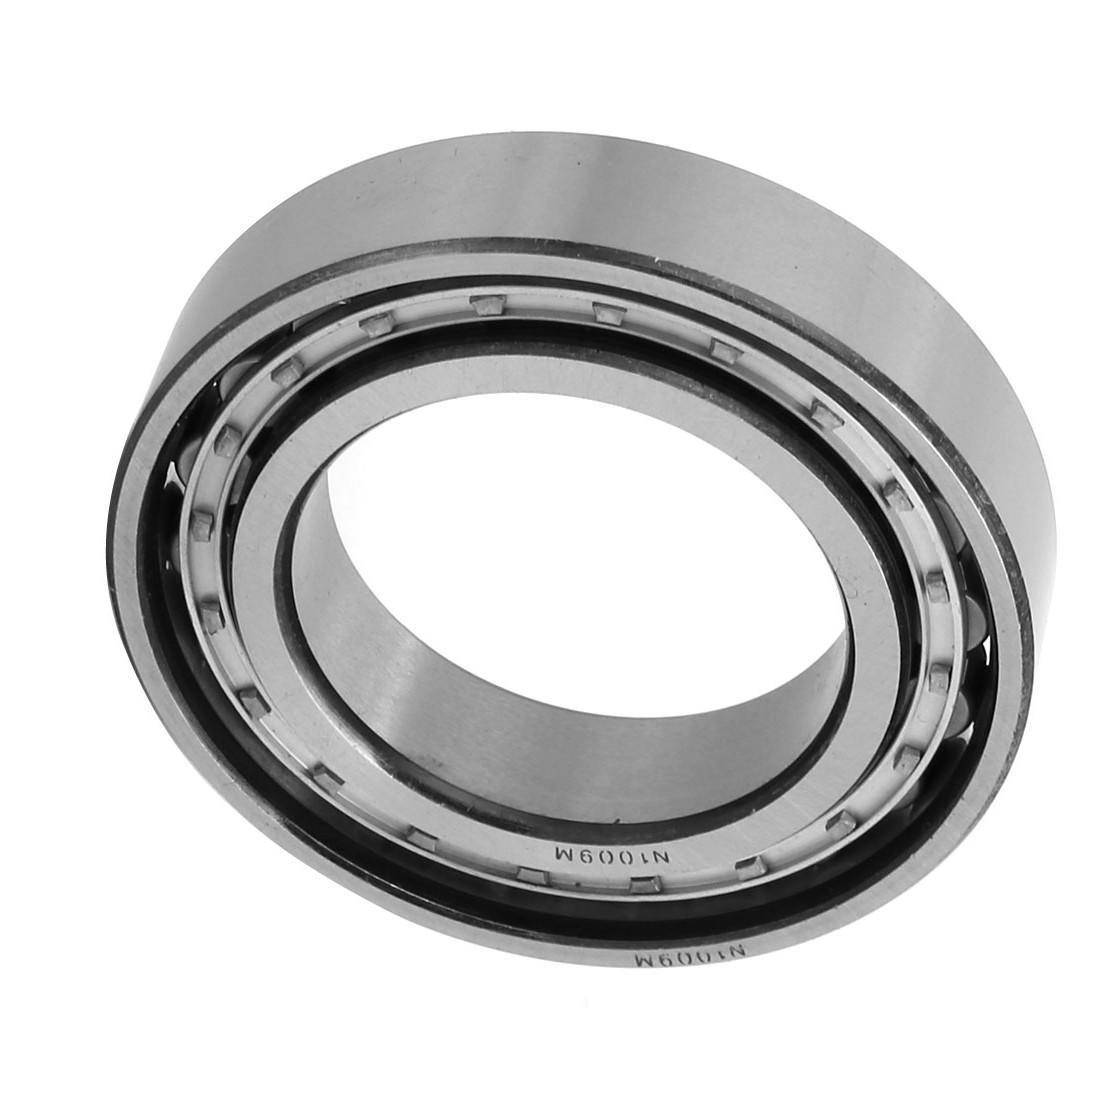 150 mm x 320 mm x 108 mm  NKE NJ2330-E-MA6 cylindrical roller bearings